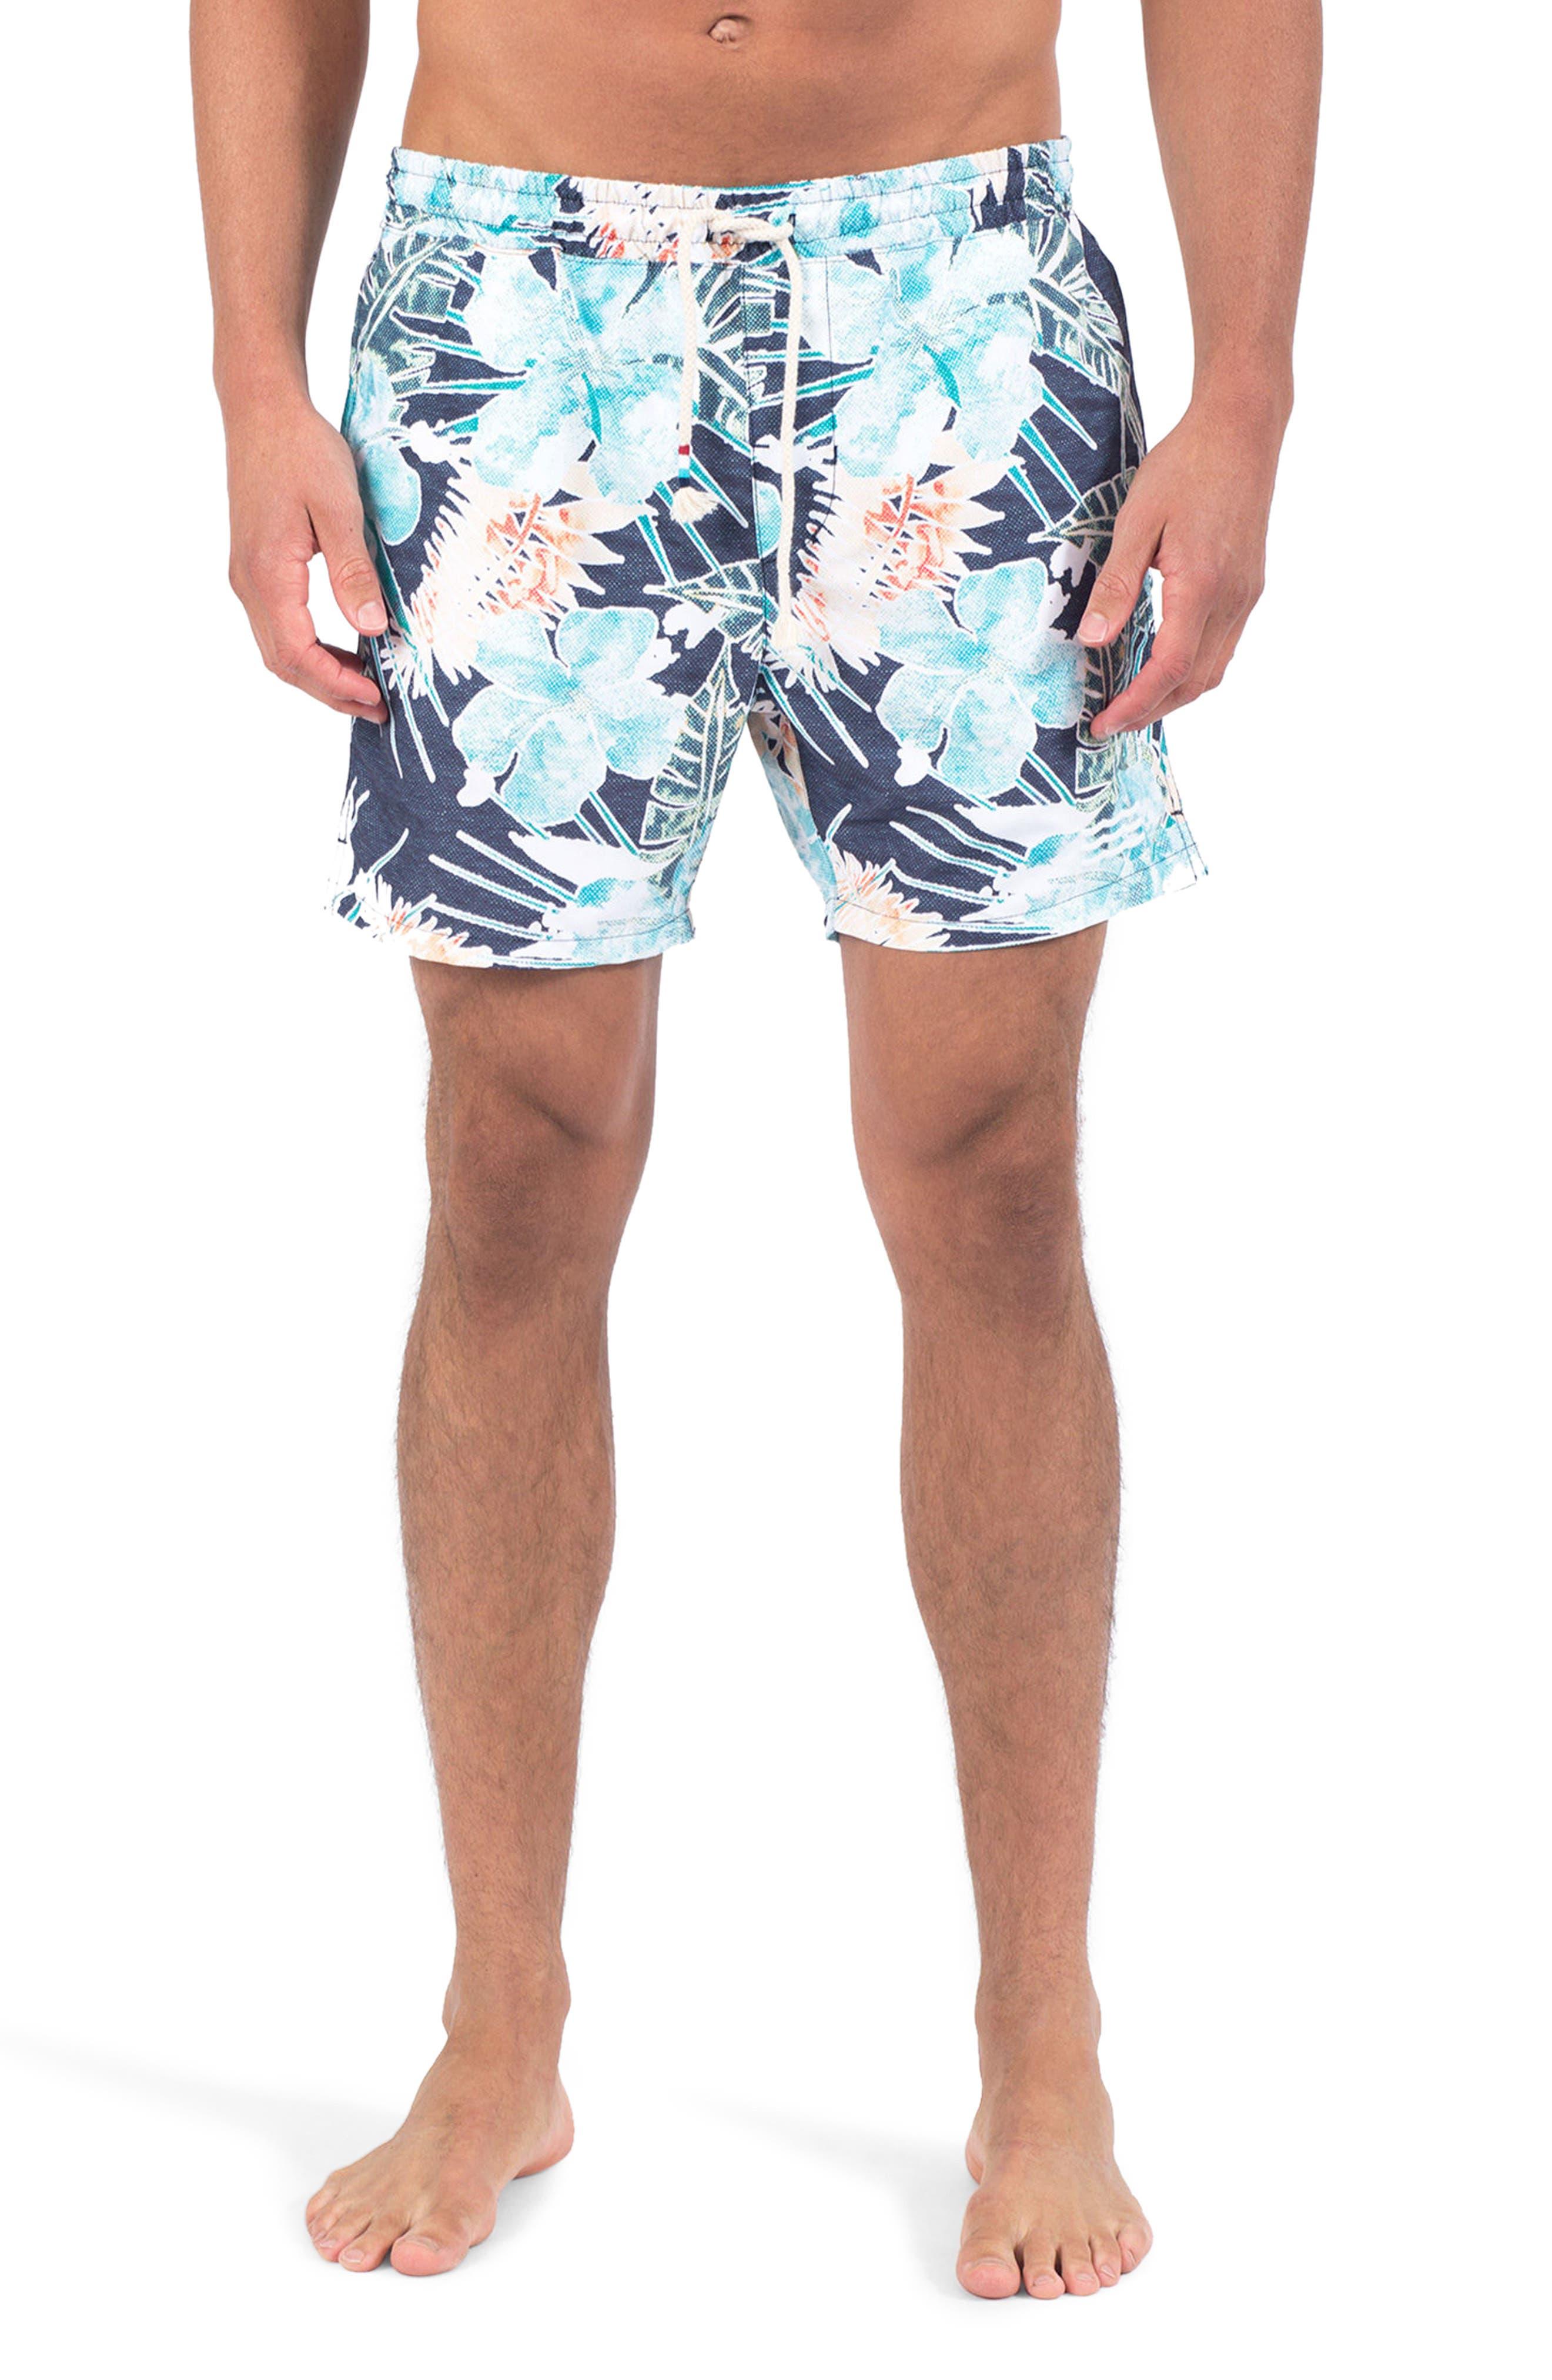 Botanica Verde Swim Shorts,                         Main,                         color, Botanica Verde